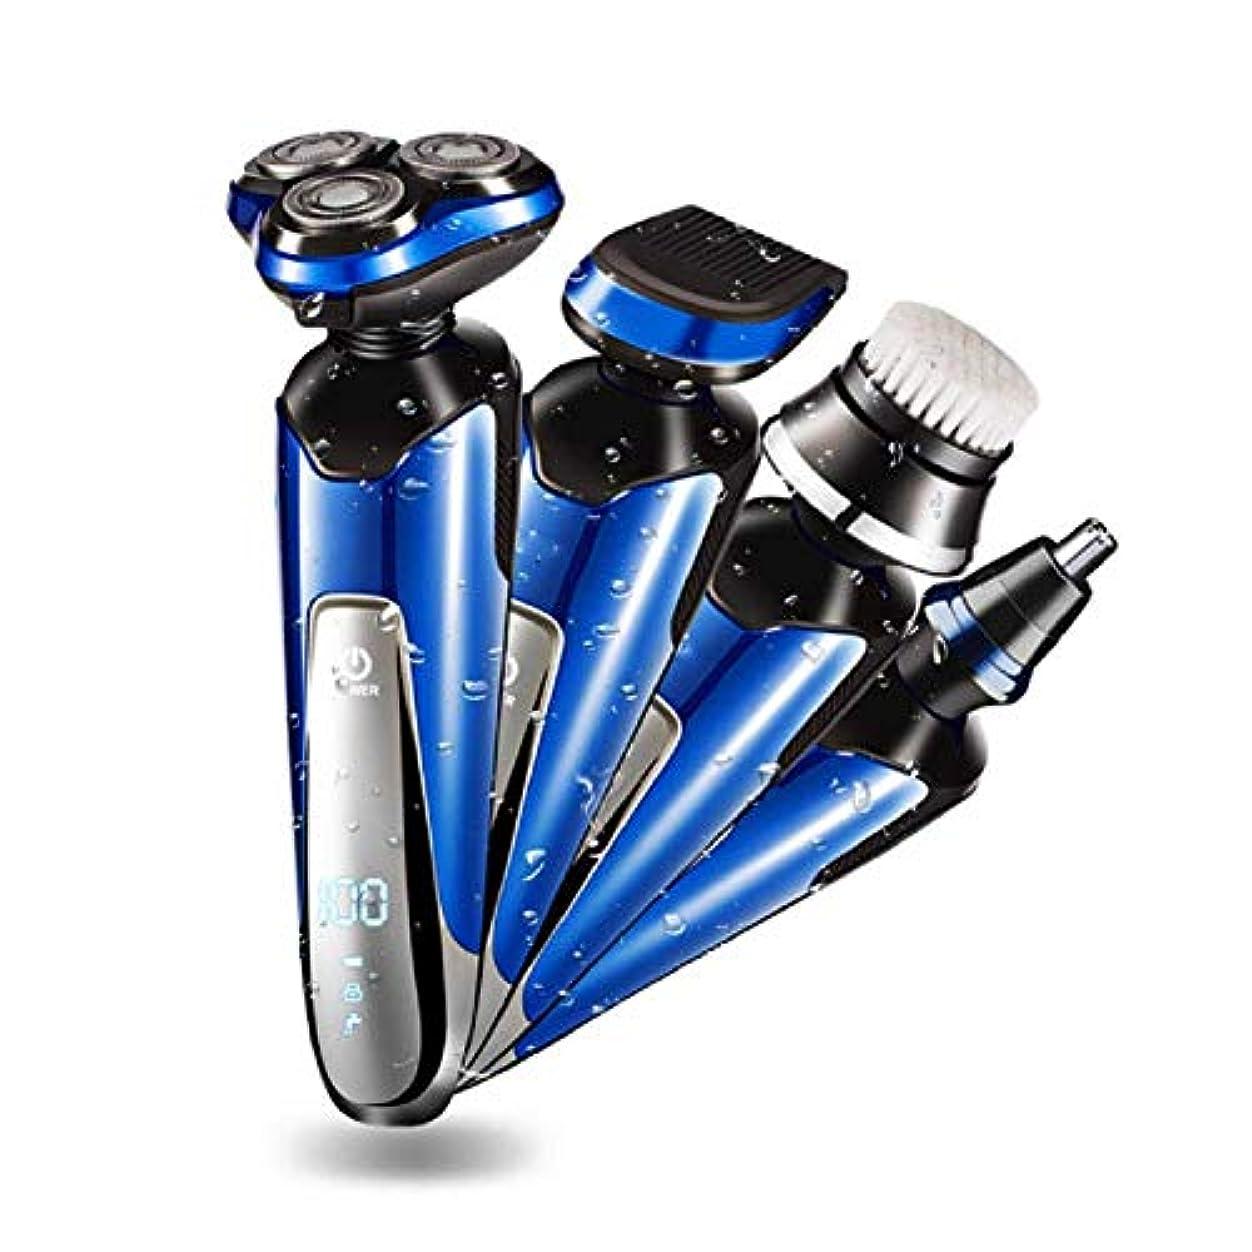 ダース儀式ウェイド4-in-1多機能メンズ電気シェーバートリマー、回転ひげ鼻毛トリマーウォッシュブラシ防水ウェットとドライのデュアルユースUSB充電式シェービングマシン